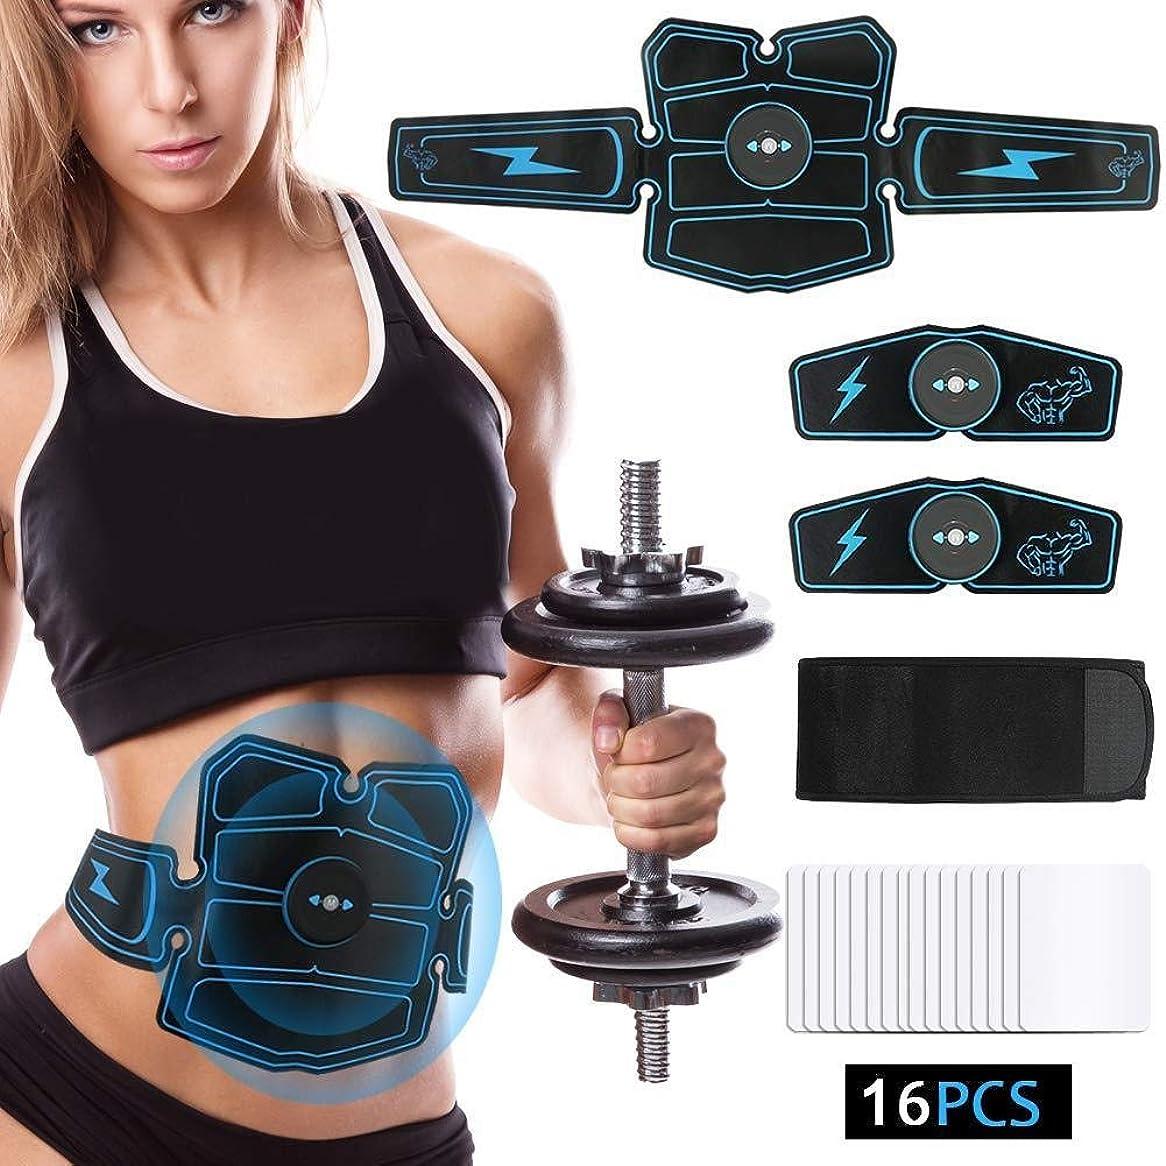 失礼フェロー諸島制約腹部の筋肉マッサージ、スマートフィットネス機器、エクササイズトレーナー、腰椎運動機器、筋肉ホームパルサー